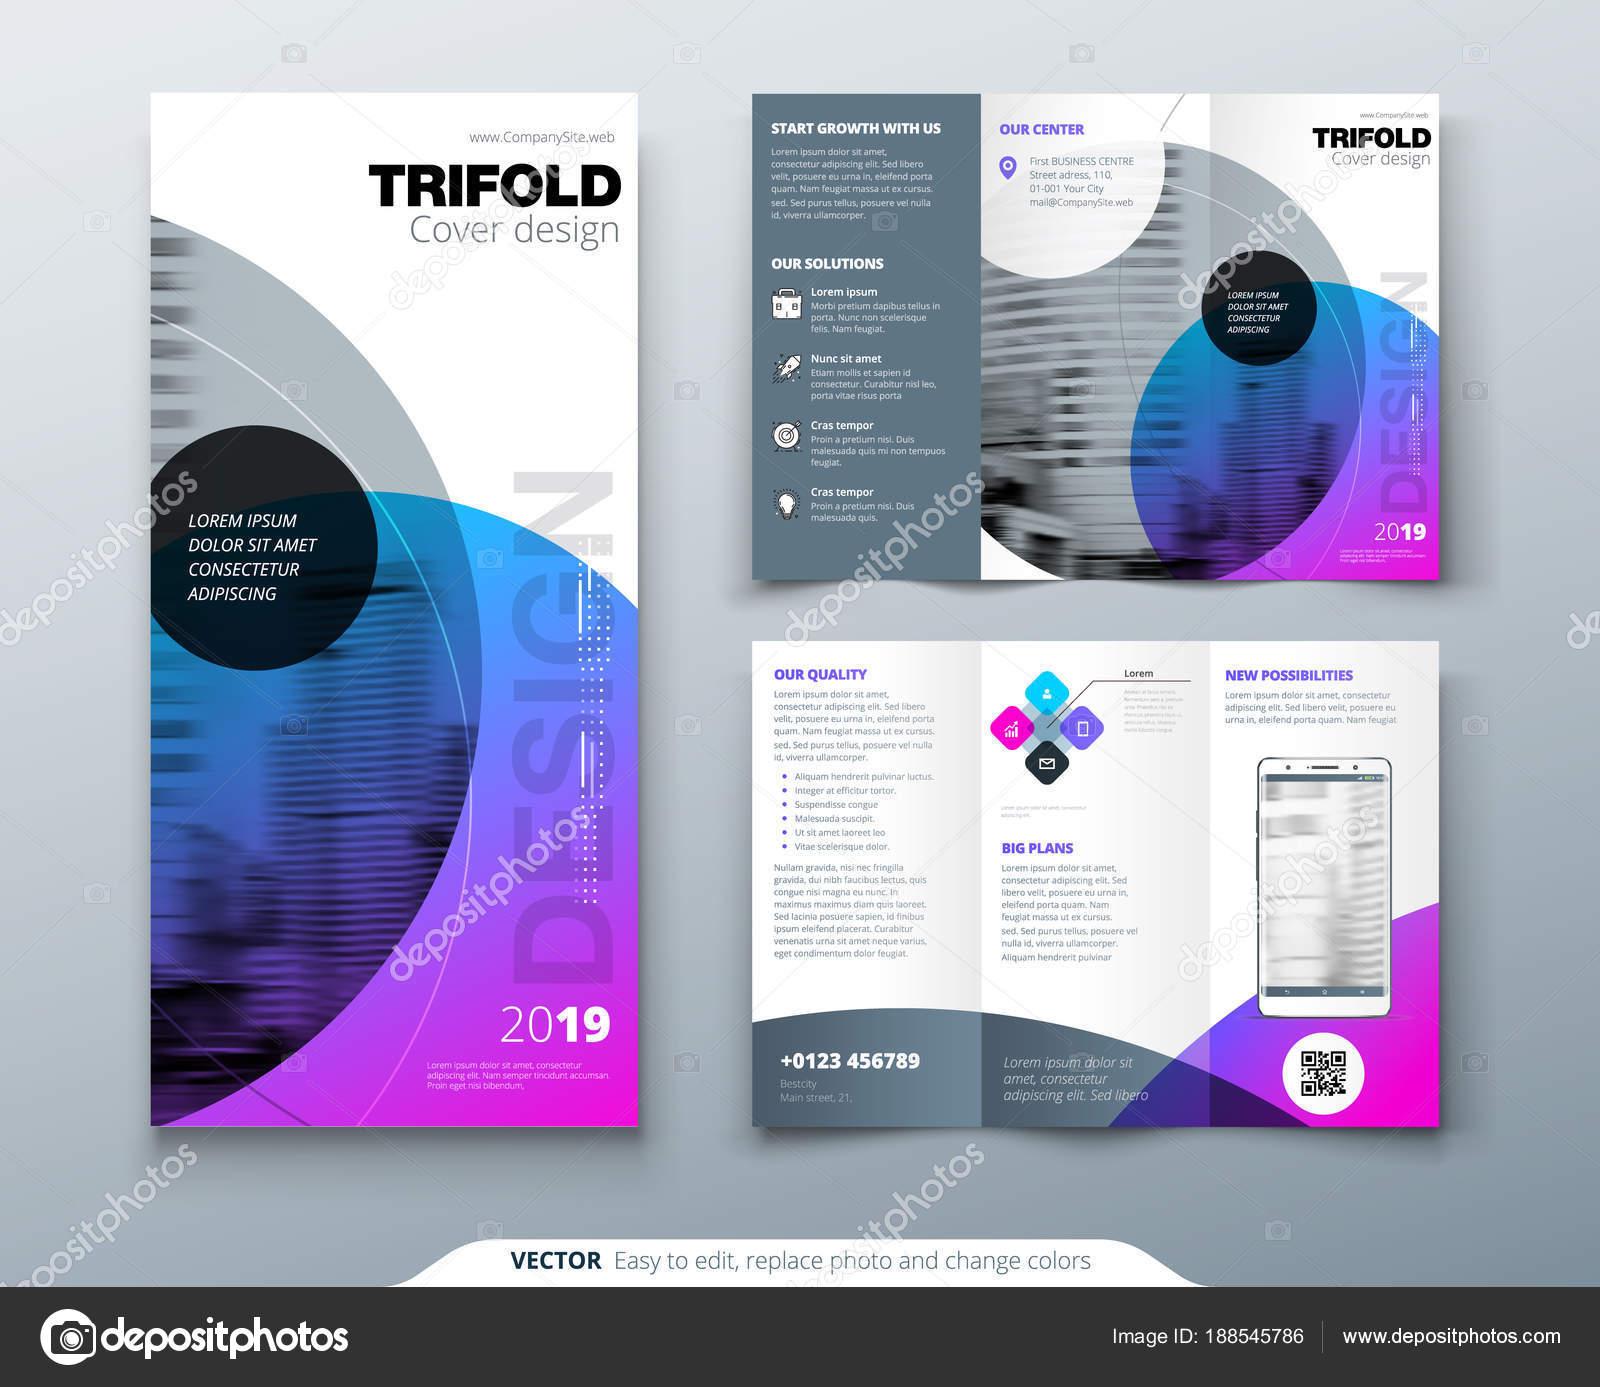 Tri fold brochure design  Purple corporate business template